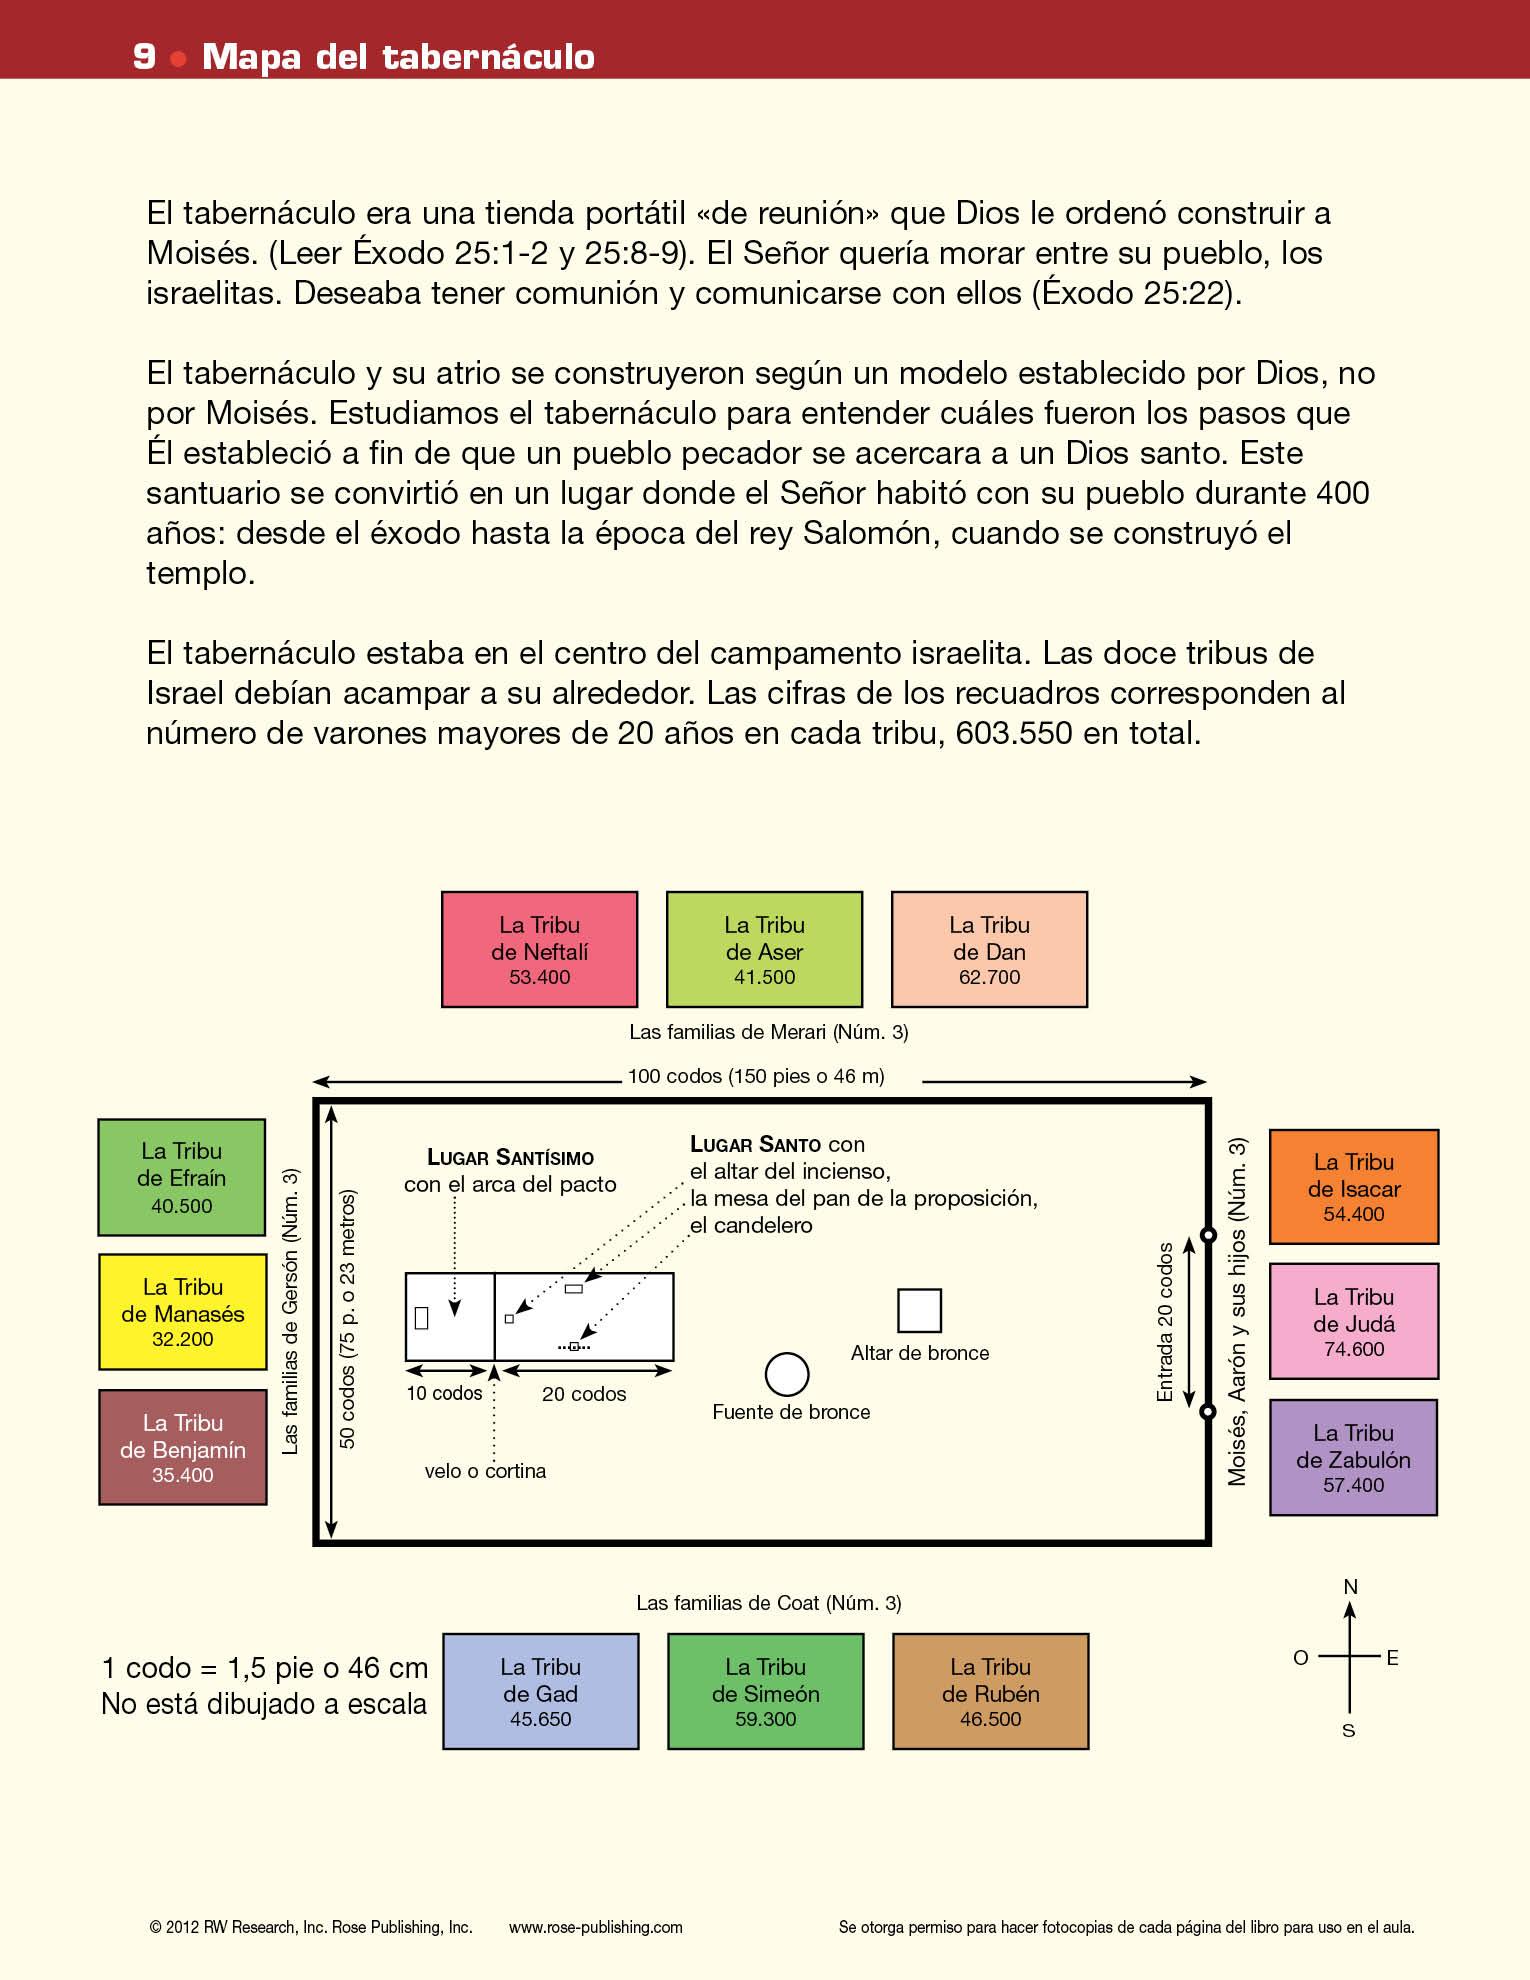 2012-04-26 23.21.10-2.jpg